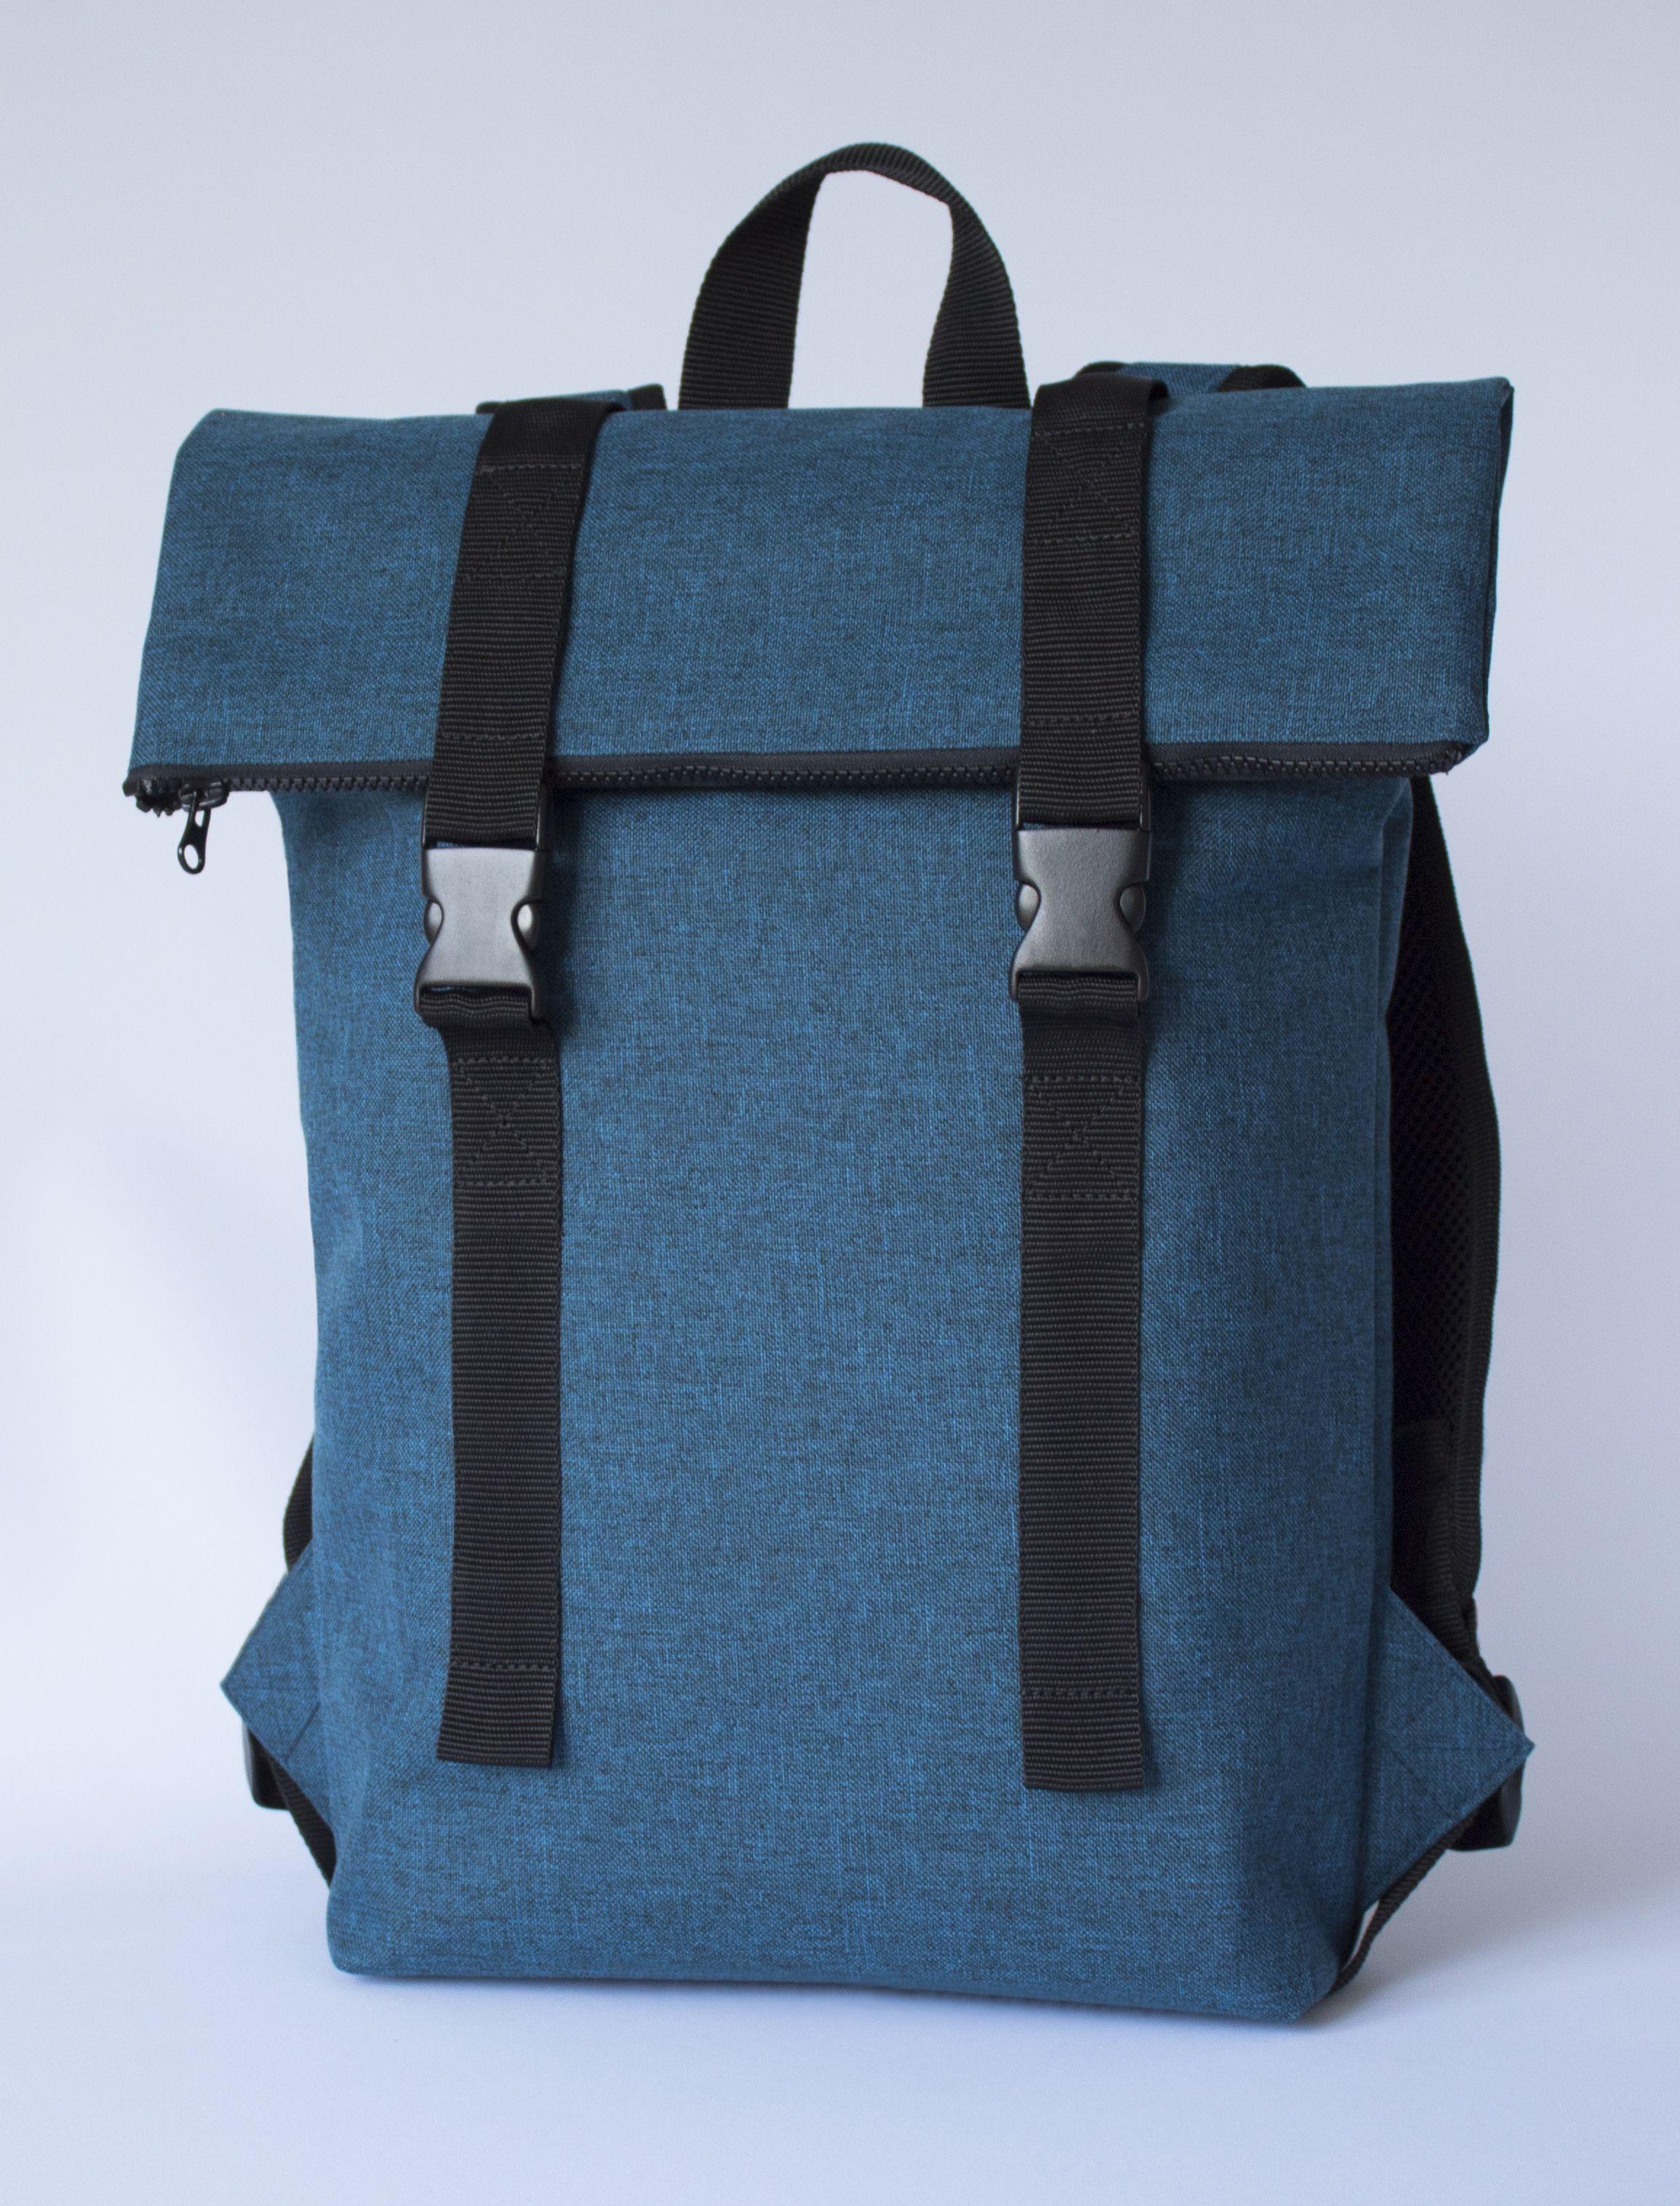 Blue Roll Top Backpack Waterproof Roll Top Backpack Rolltop Backpack Waterproof Fidlock Backpack Wasserdichter Rucksack Vegan Bag Top Backpacks Vegan Bags Rolltop Backpack